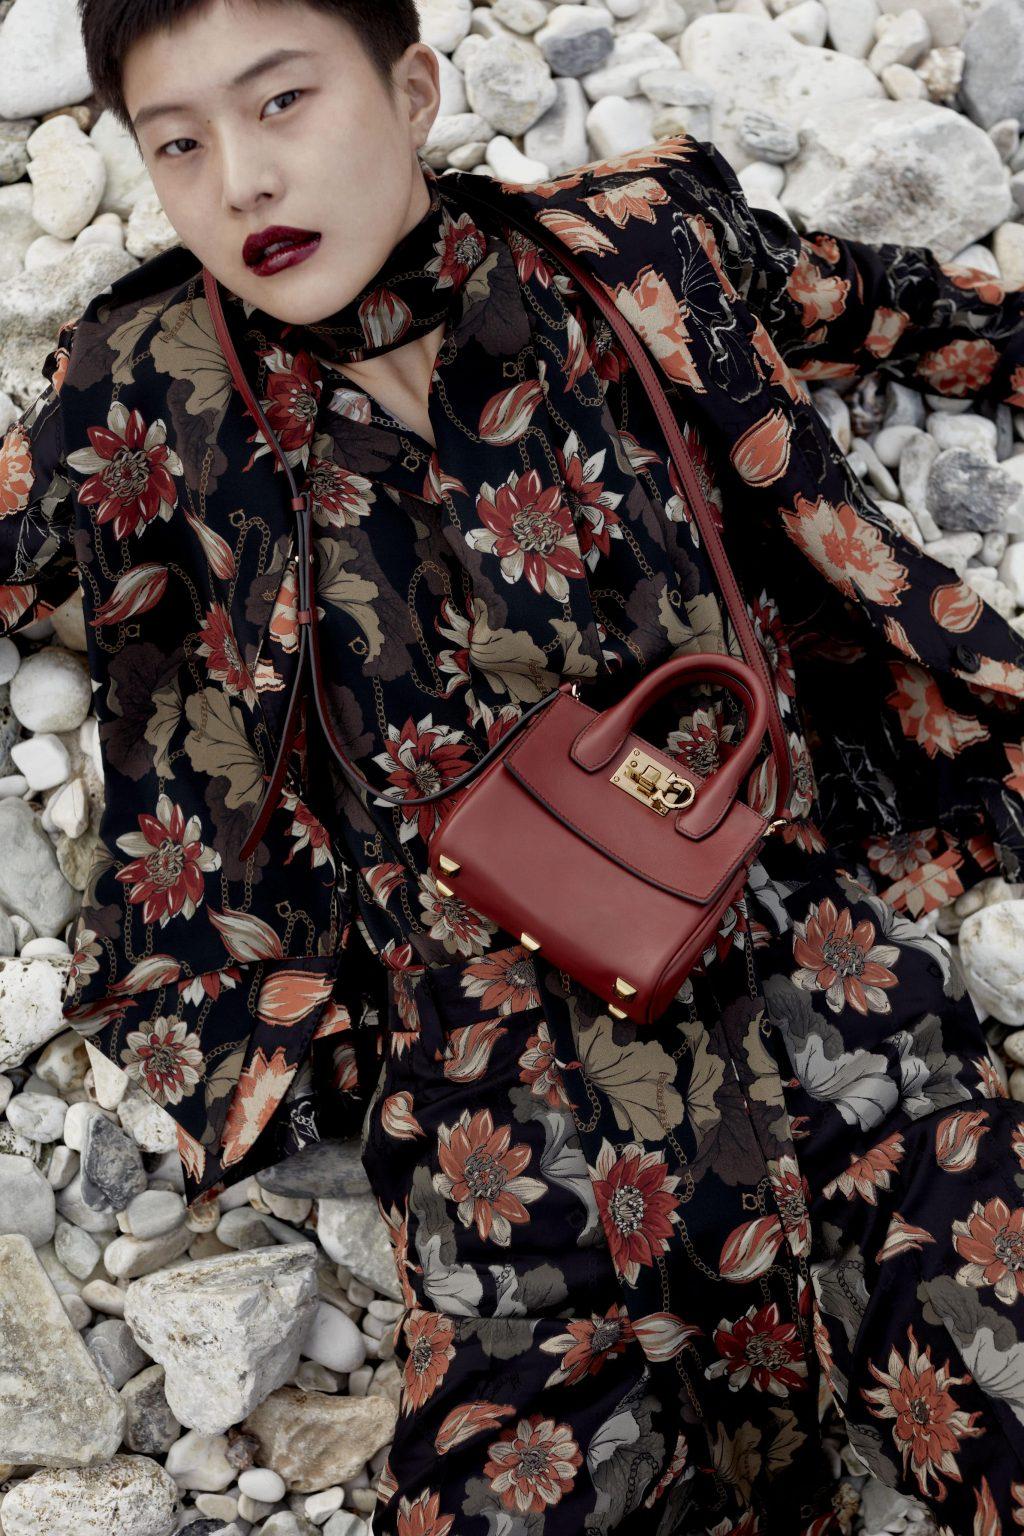 túi xách boxyz salvatore ferragamo màu đỏ váy hoa màu nâu